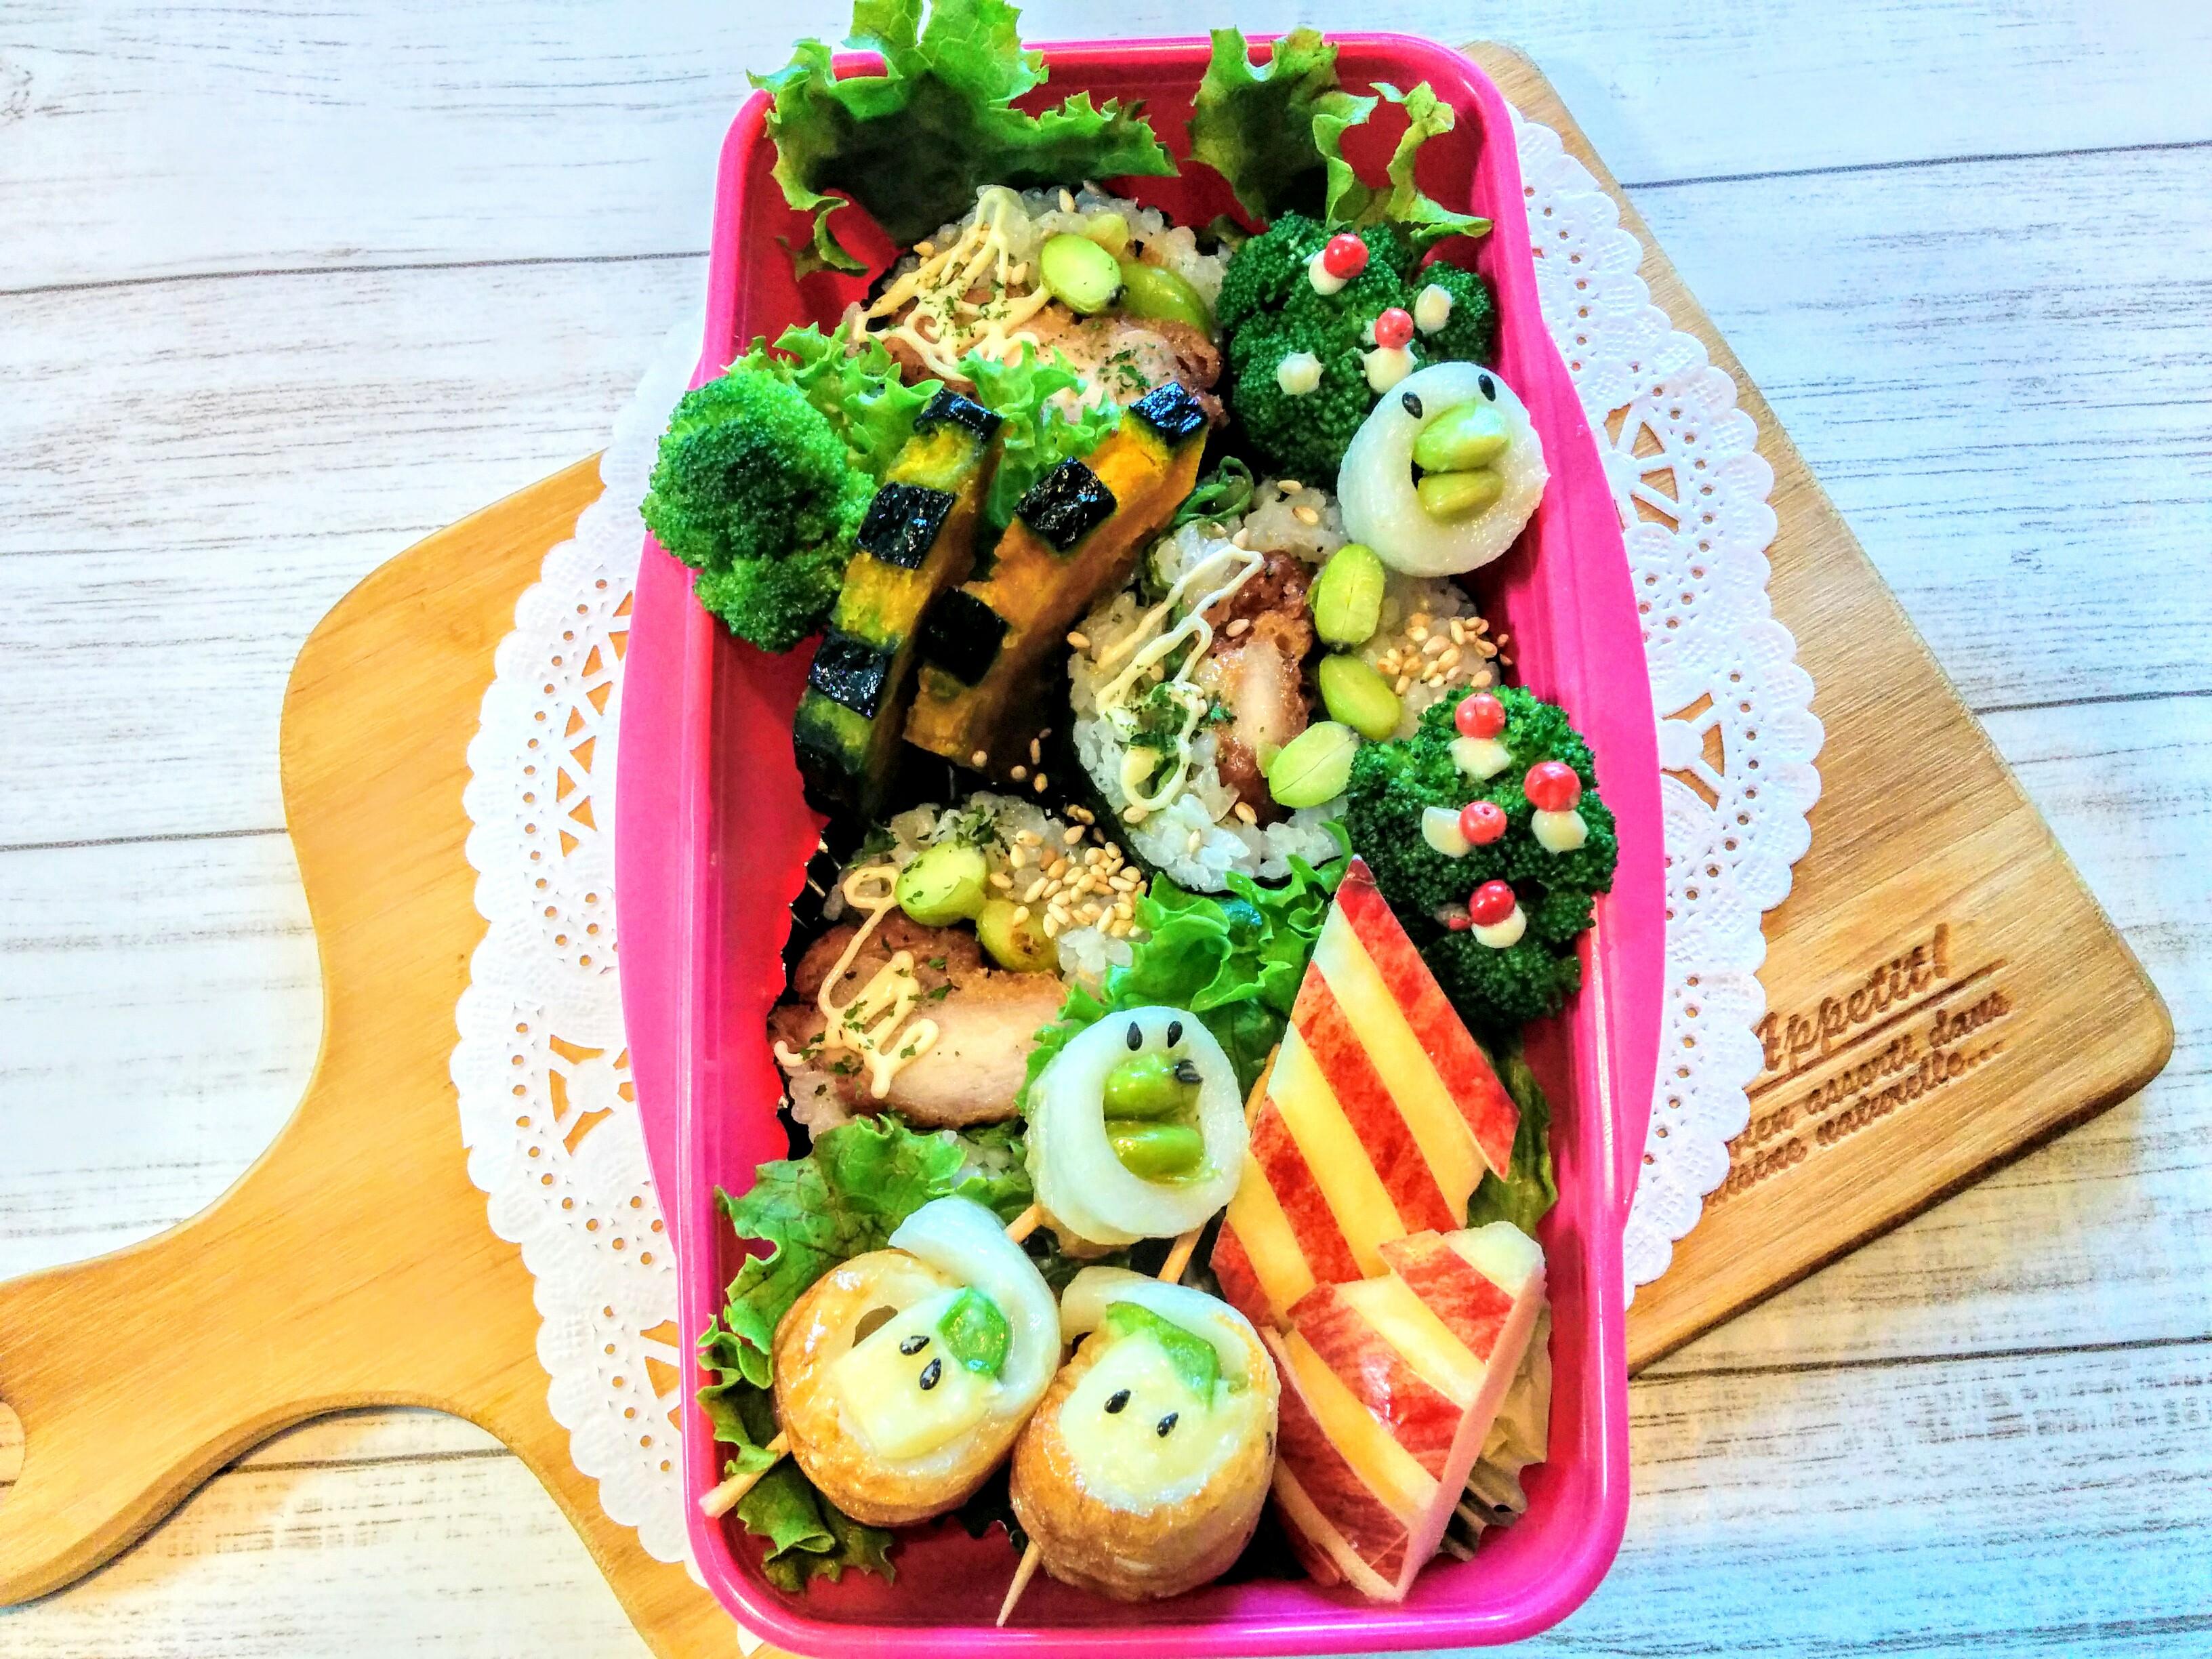 【小樽】娘の今日のお弁当・チキンロール弁当グルメ案内です。